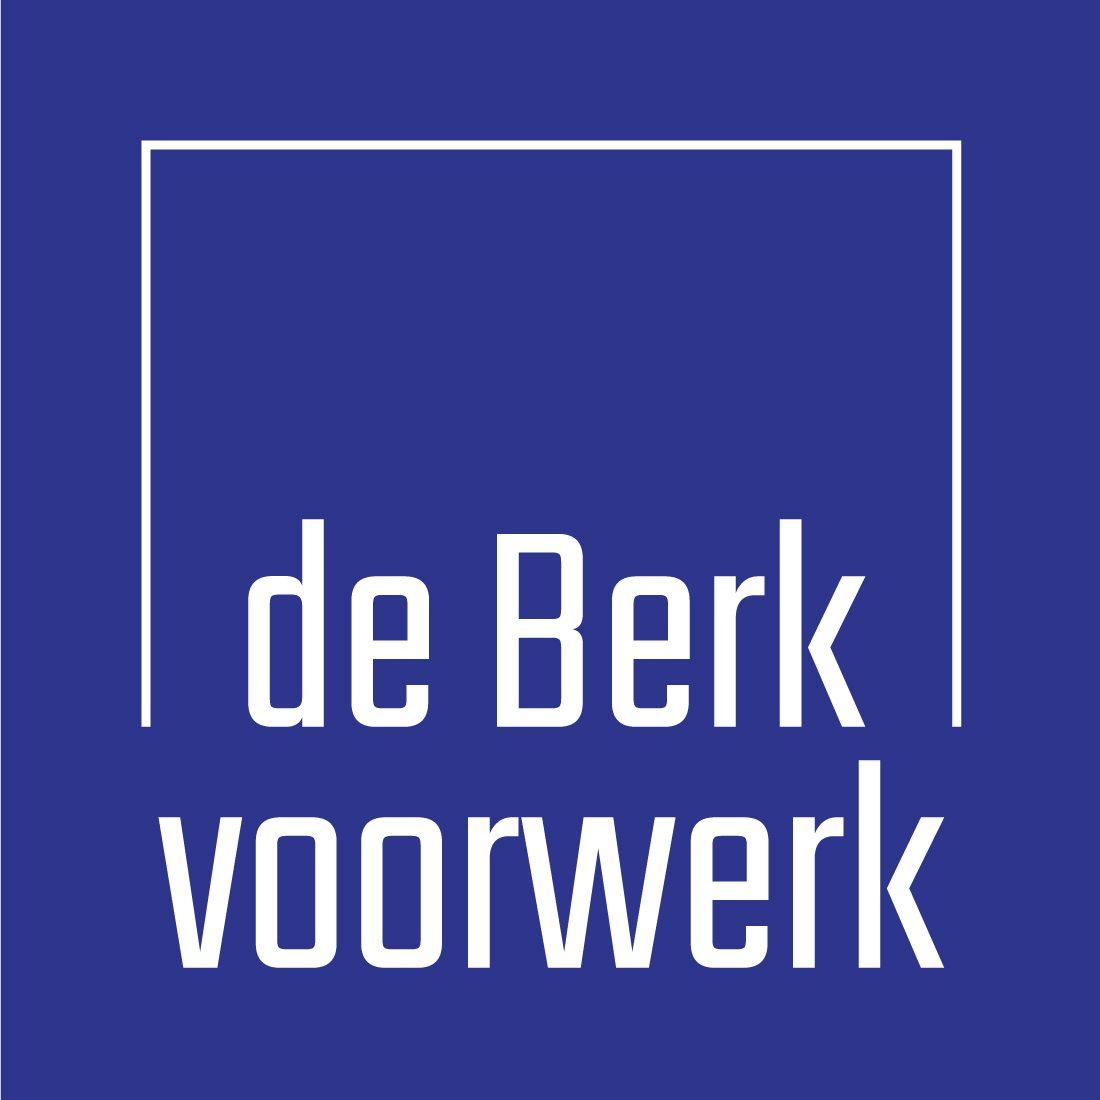 deberkvoorwerk.nl